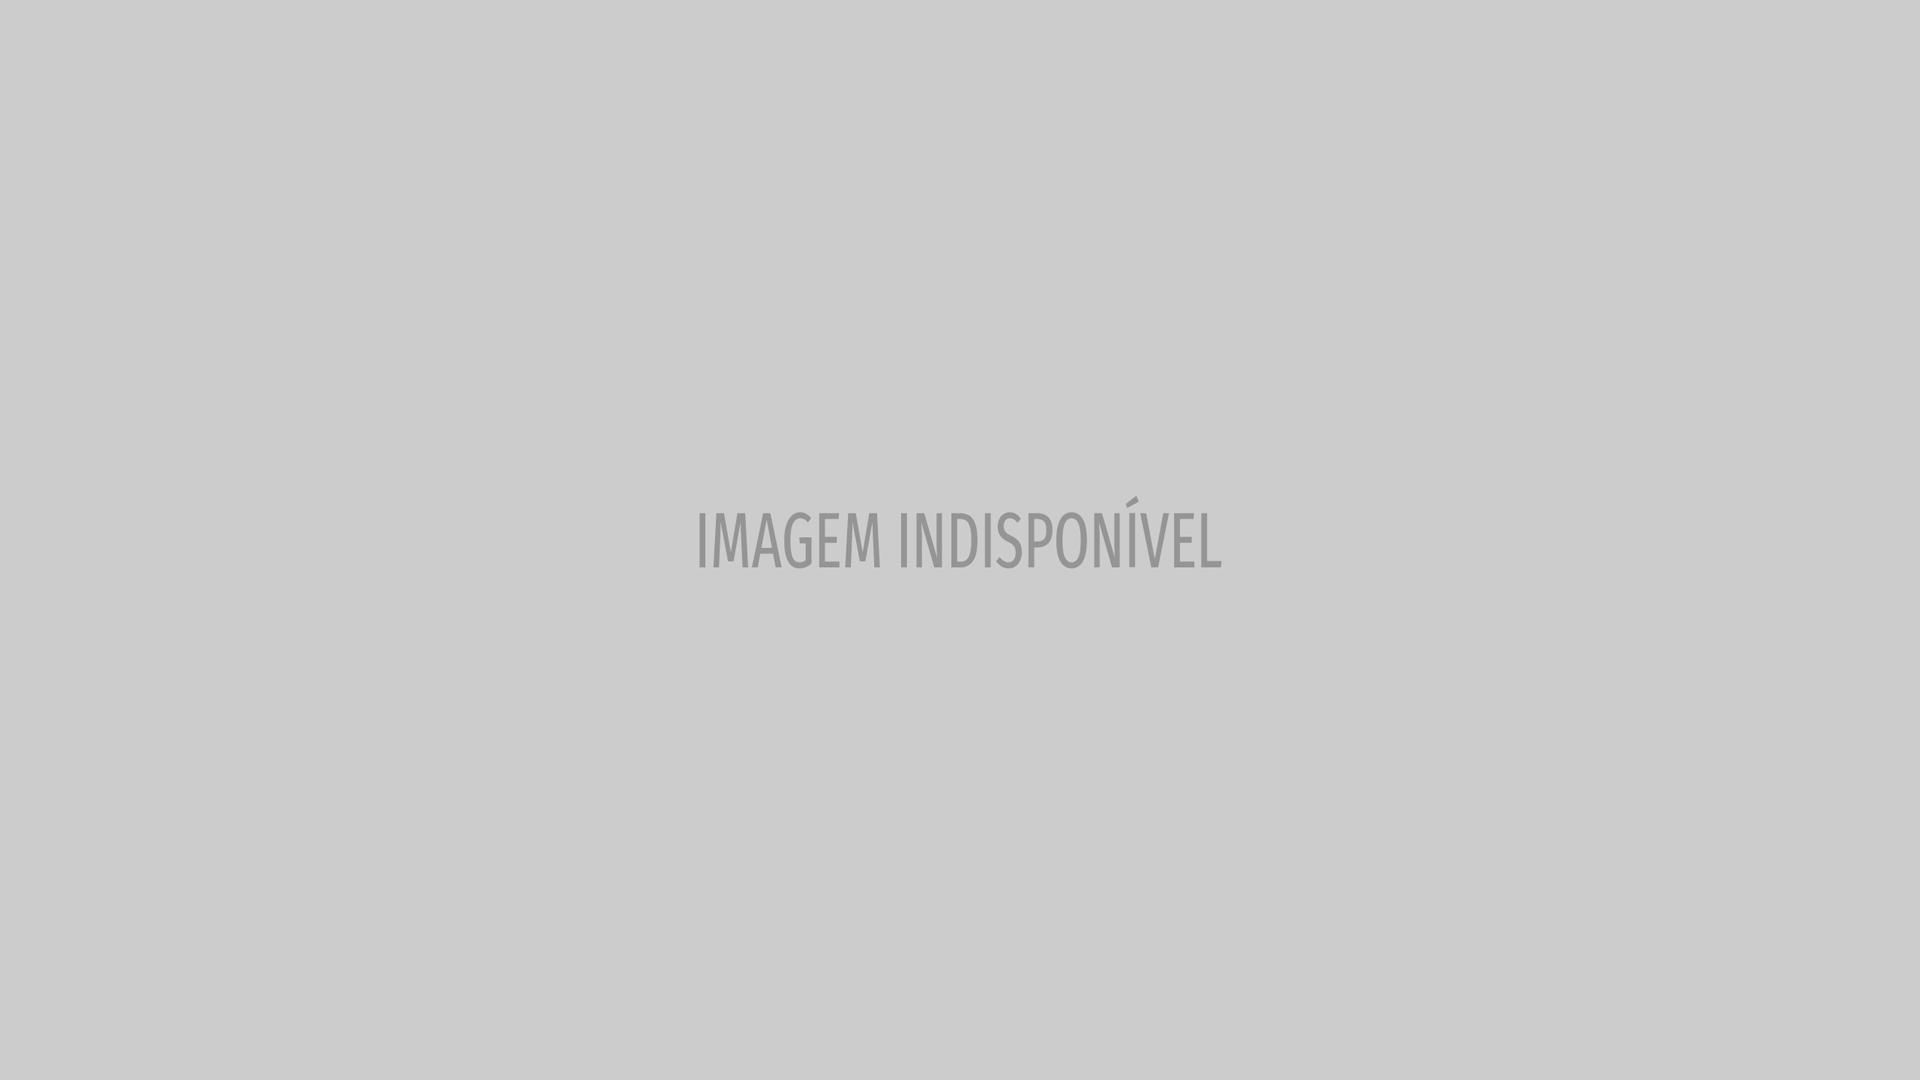 4 filmes com cenas de sexo reais ix adulttubezero - 2 8